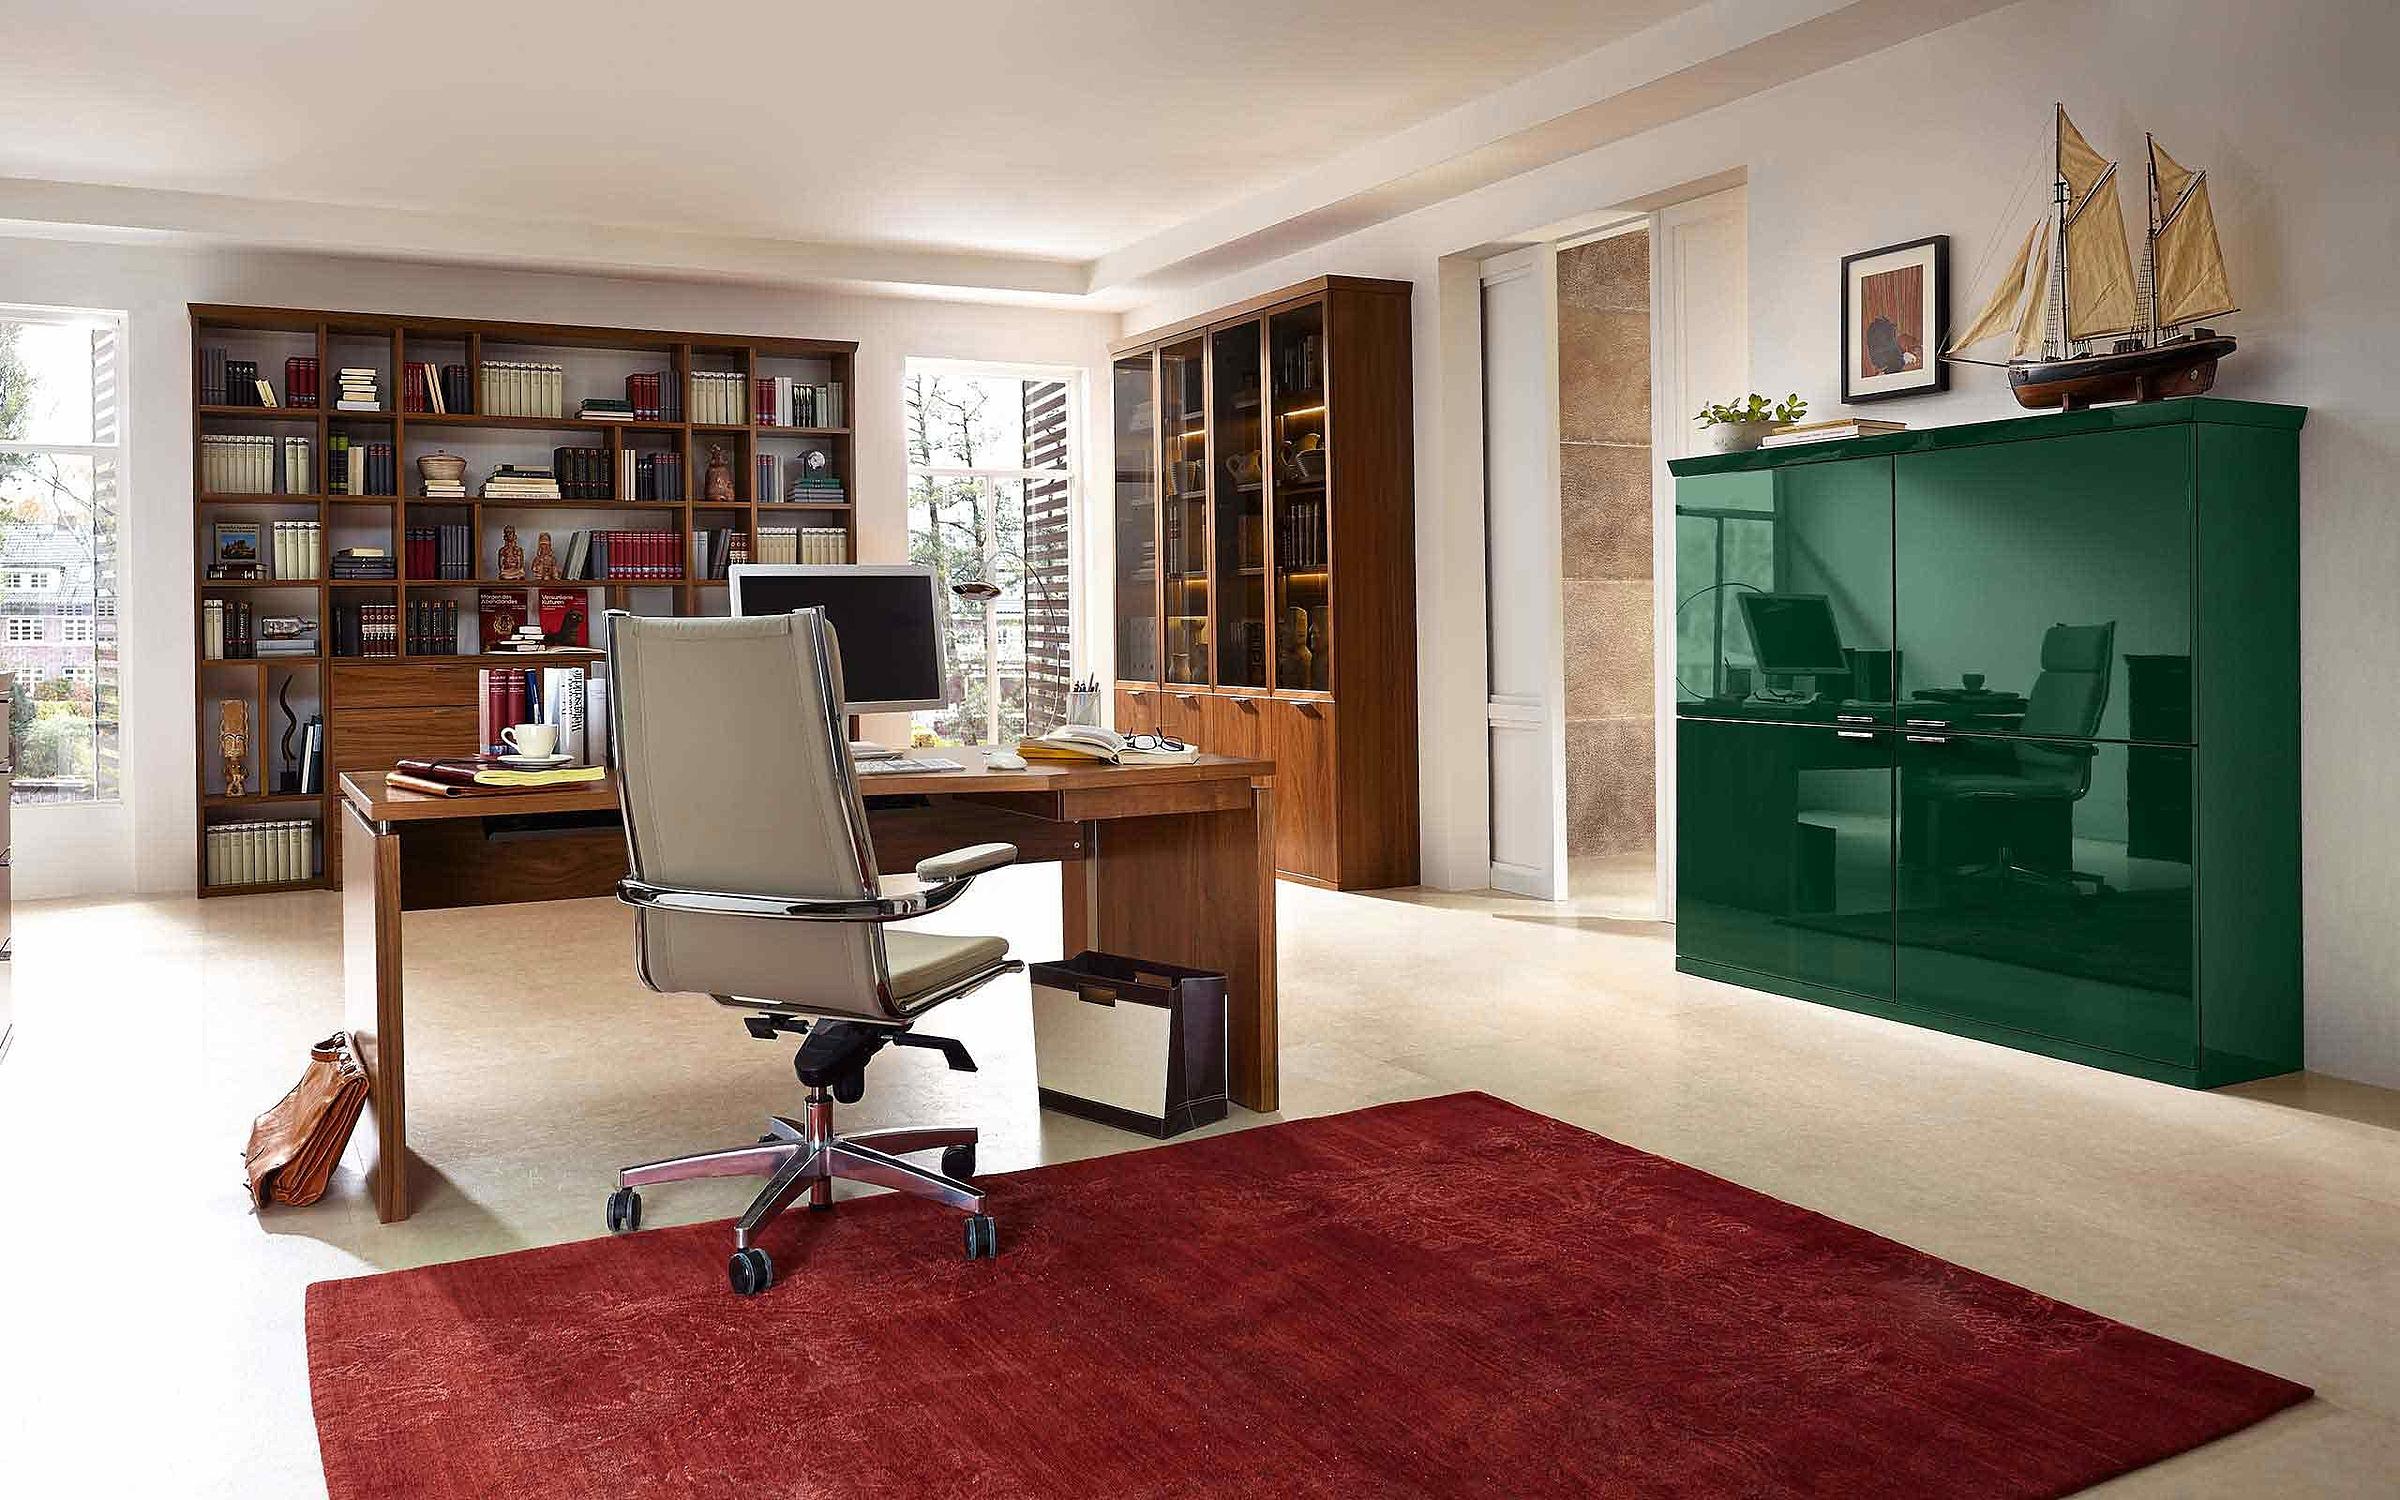 Bibliothek Schreibtisch Vitrine Büro Siena Lack grün hochglanz